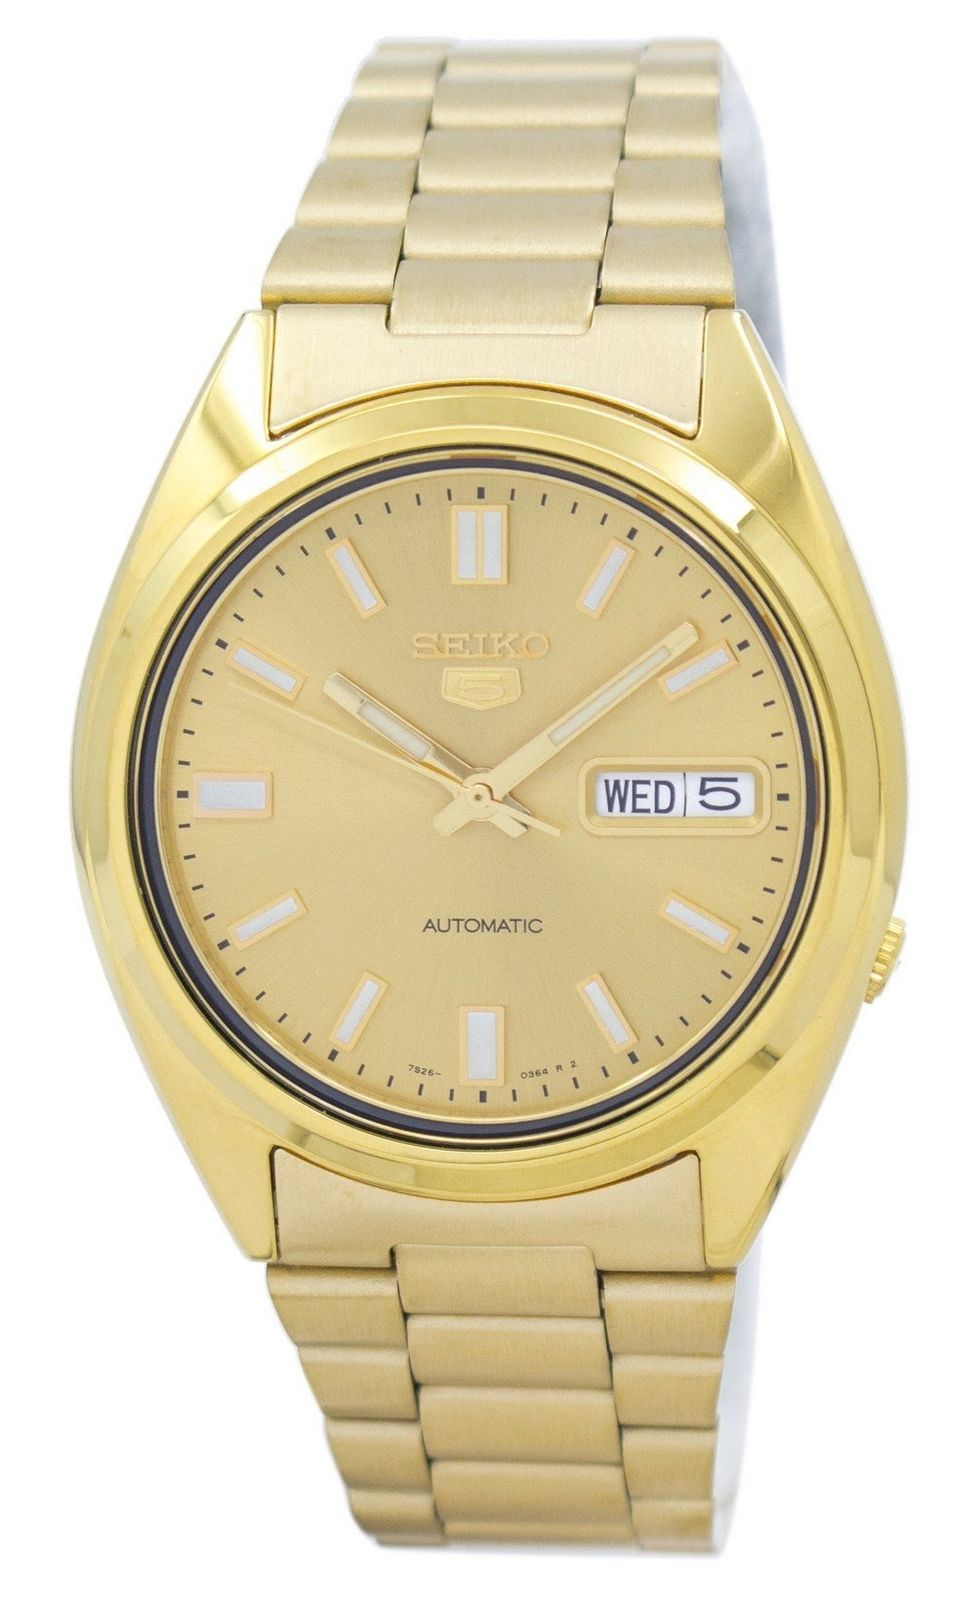 นาฬิกาผู้ชาย Seiko รุ่น SNXS80K1, Seiko 5 Automatic